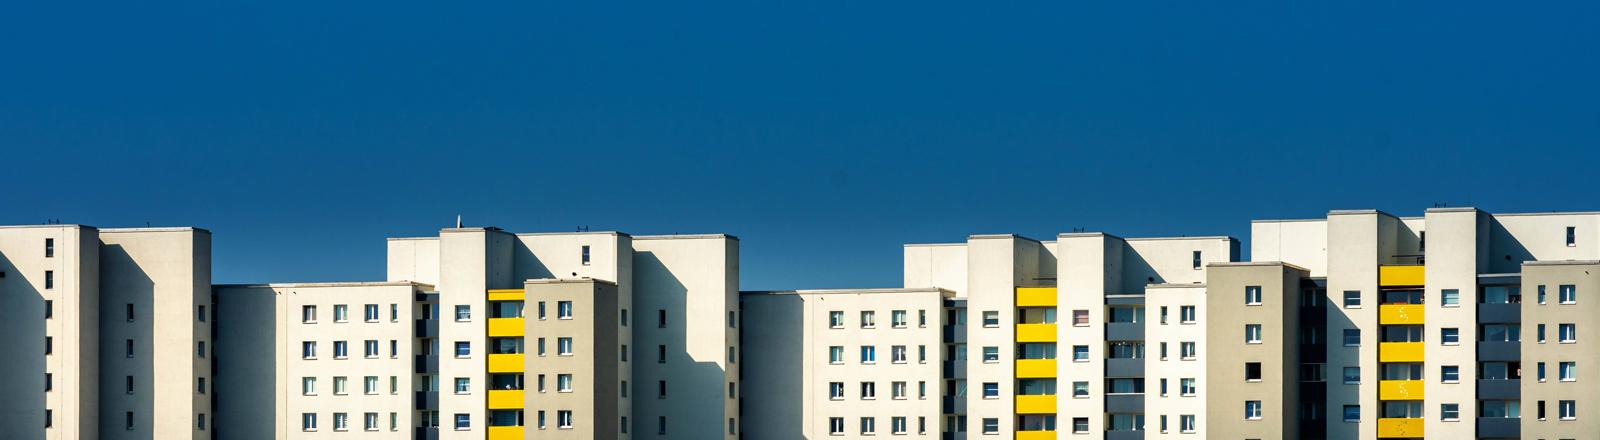 Hochhäuser vor blauem Himmel